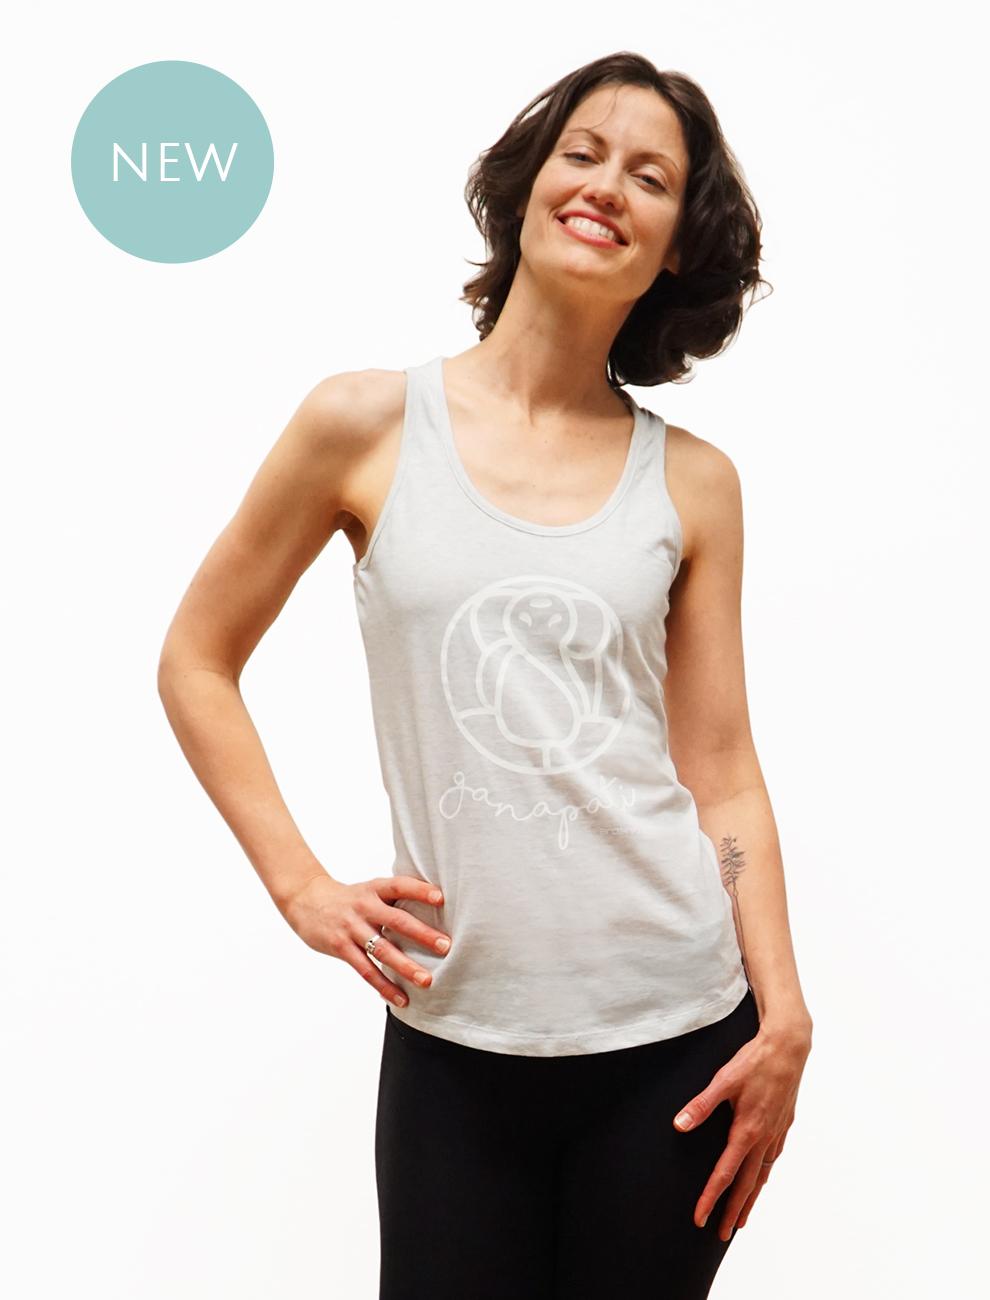 shirt_home_pre_01_new